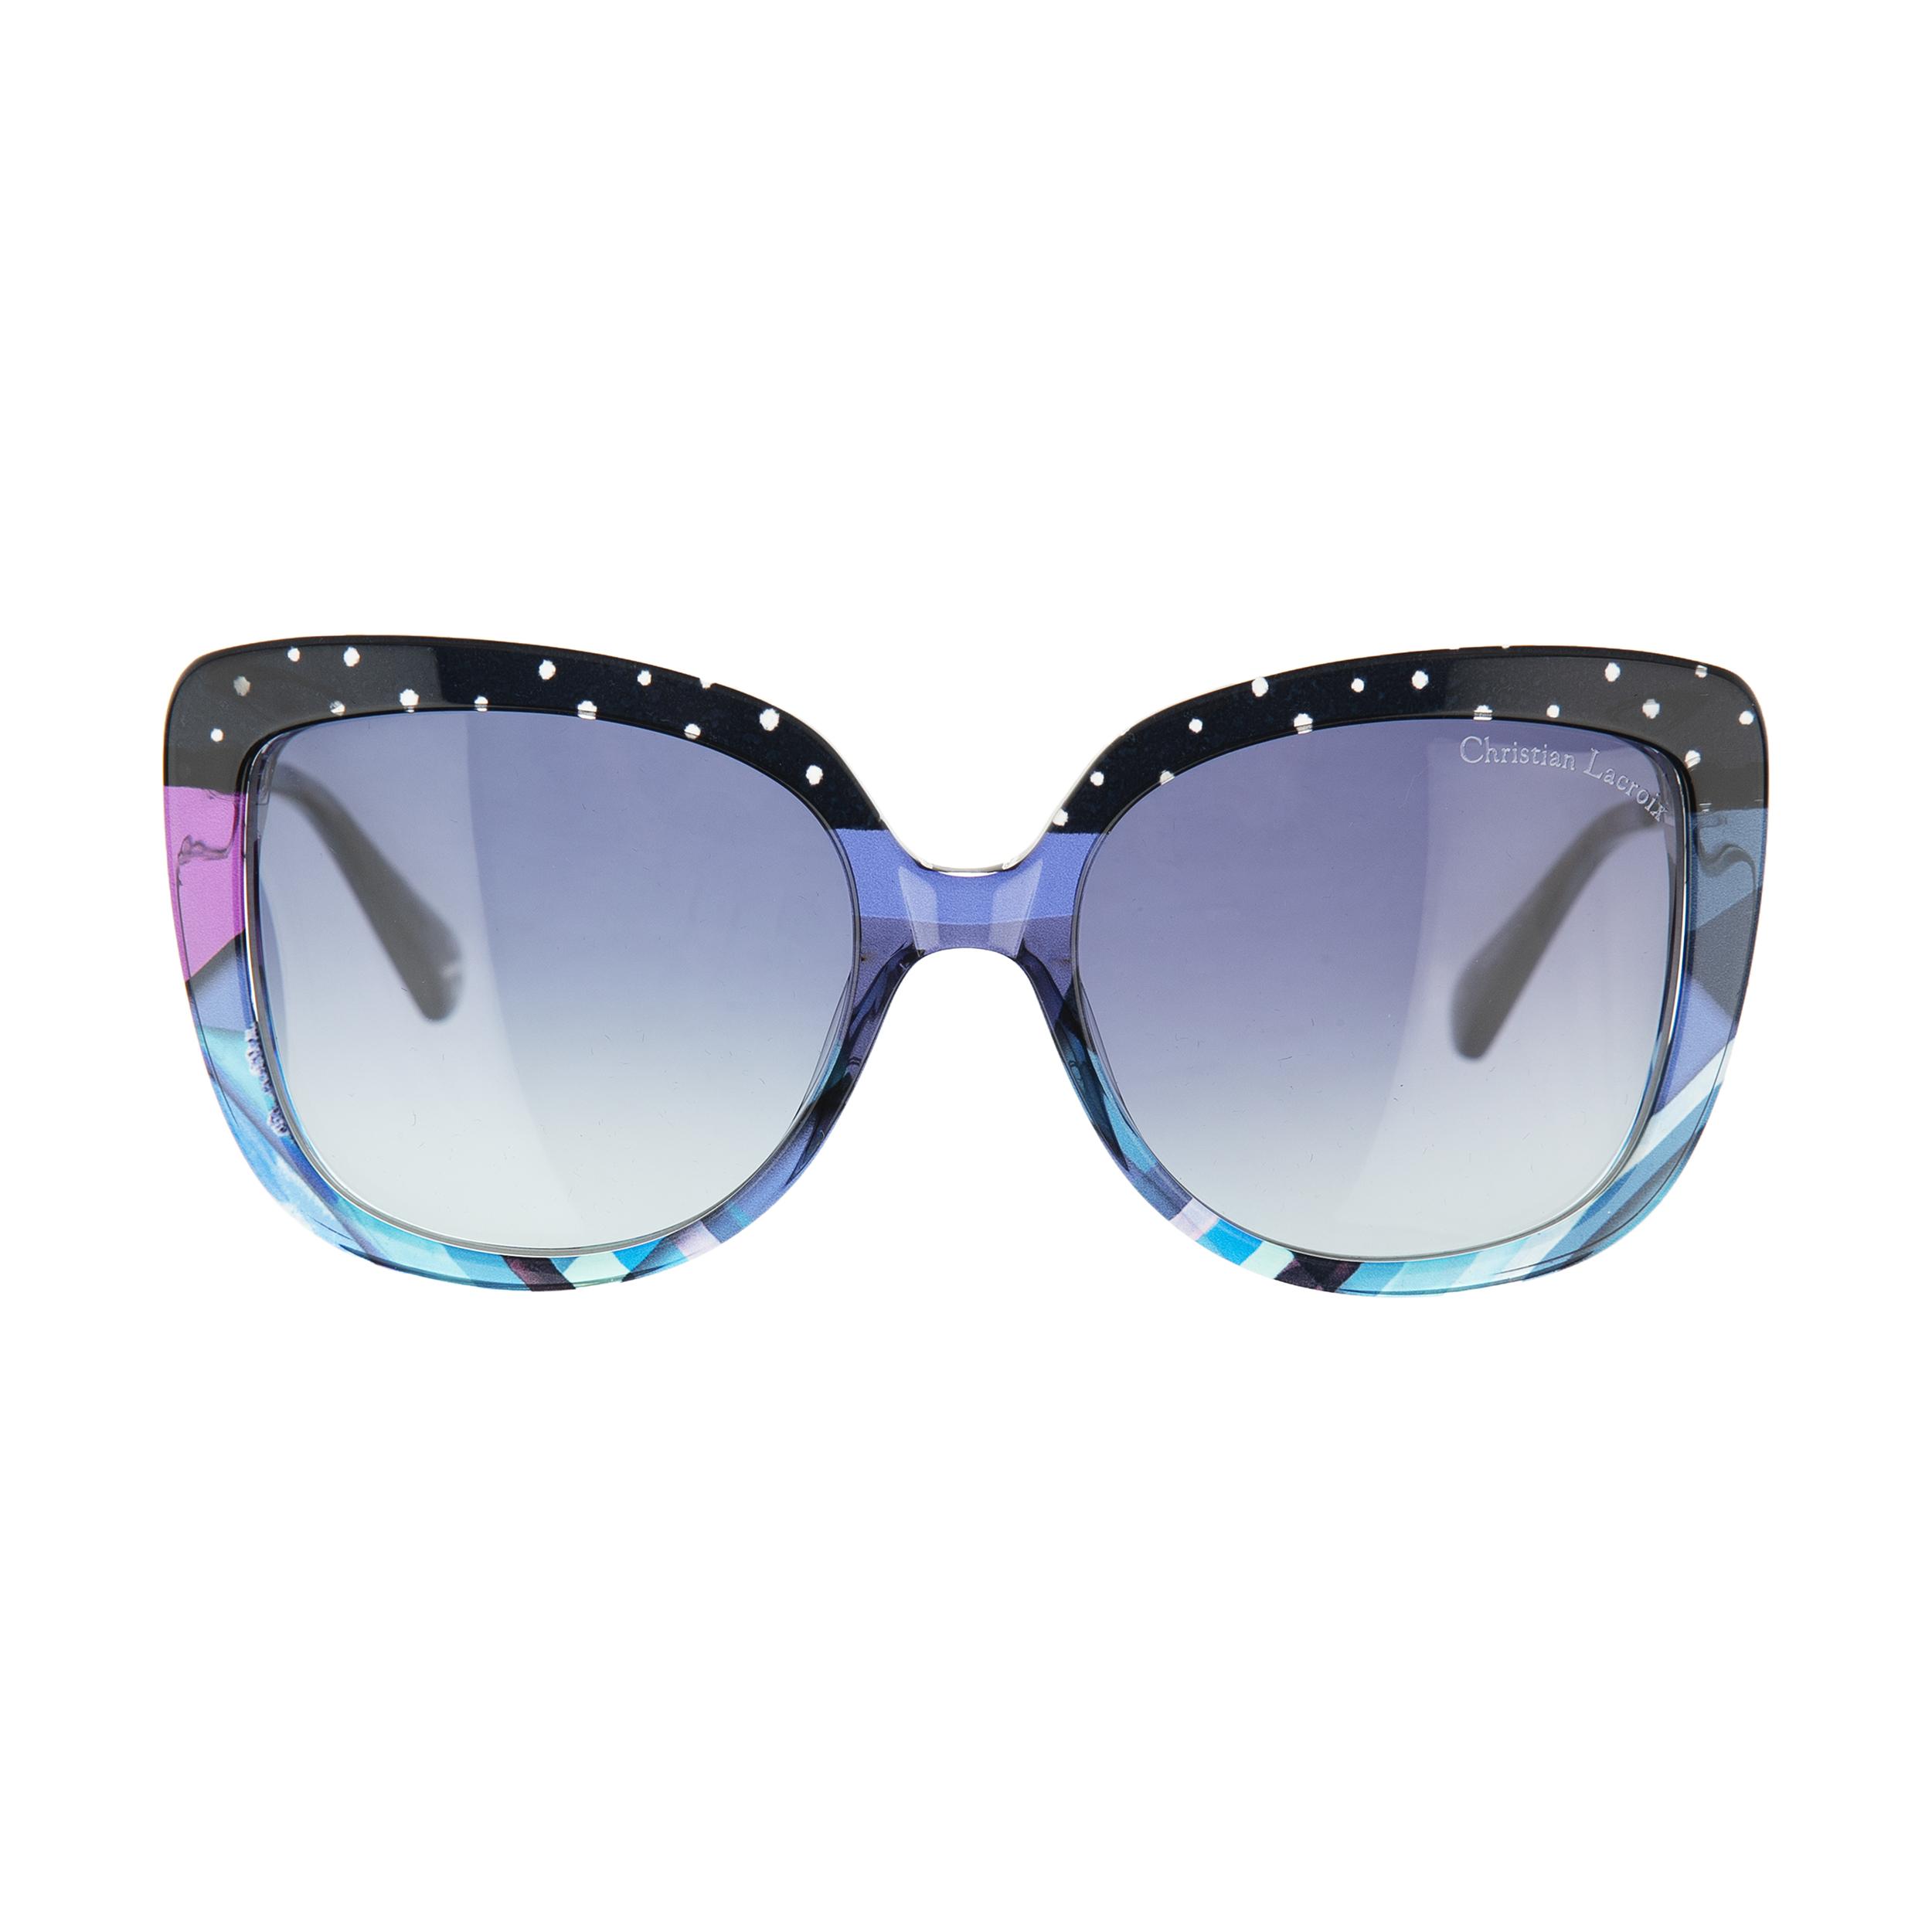 عینک آفتابی زنانه کریستین لاکروآ مدل CL 5080 681